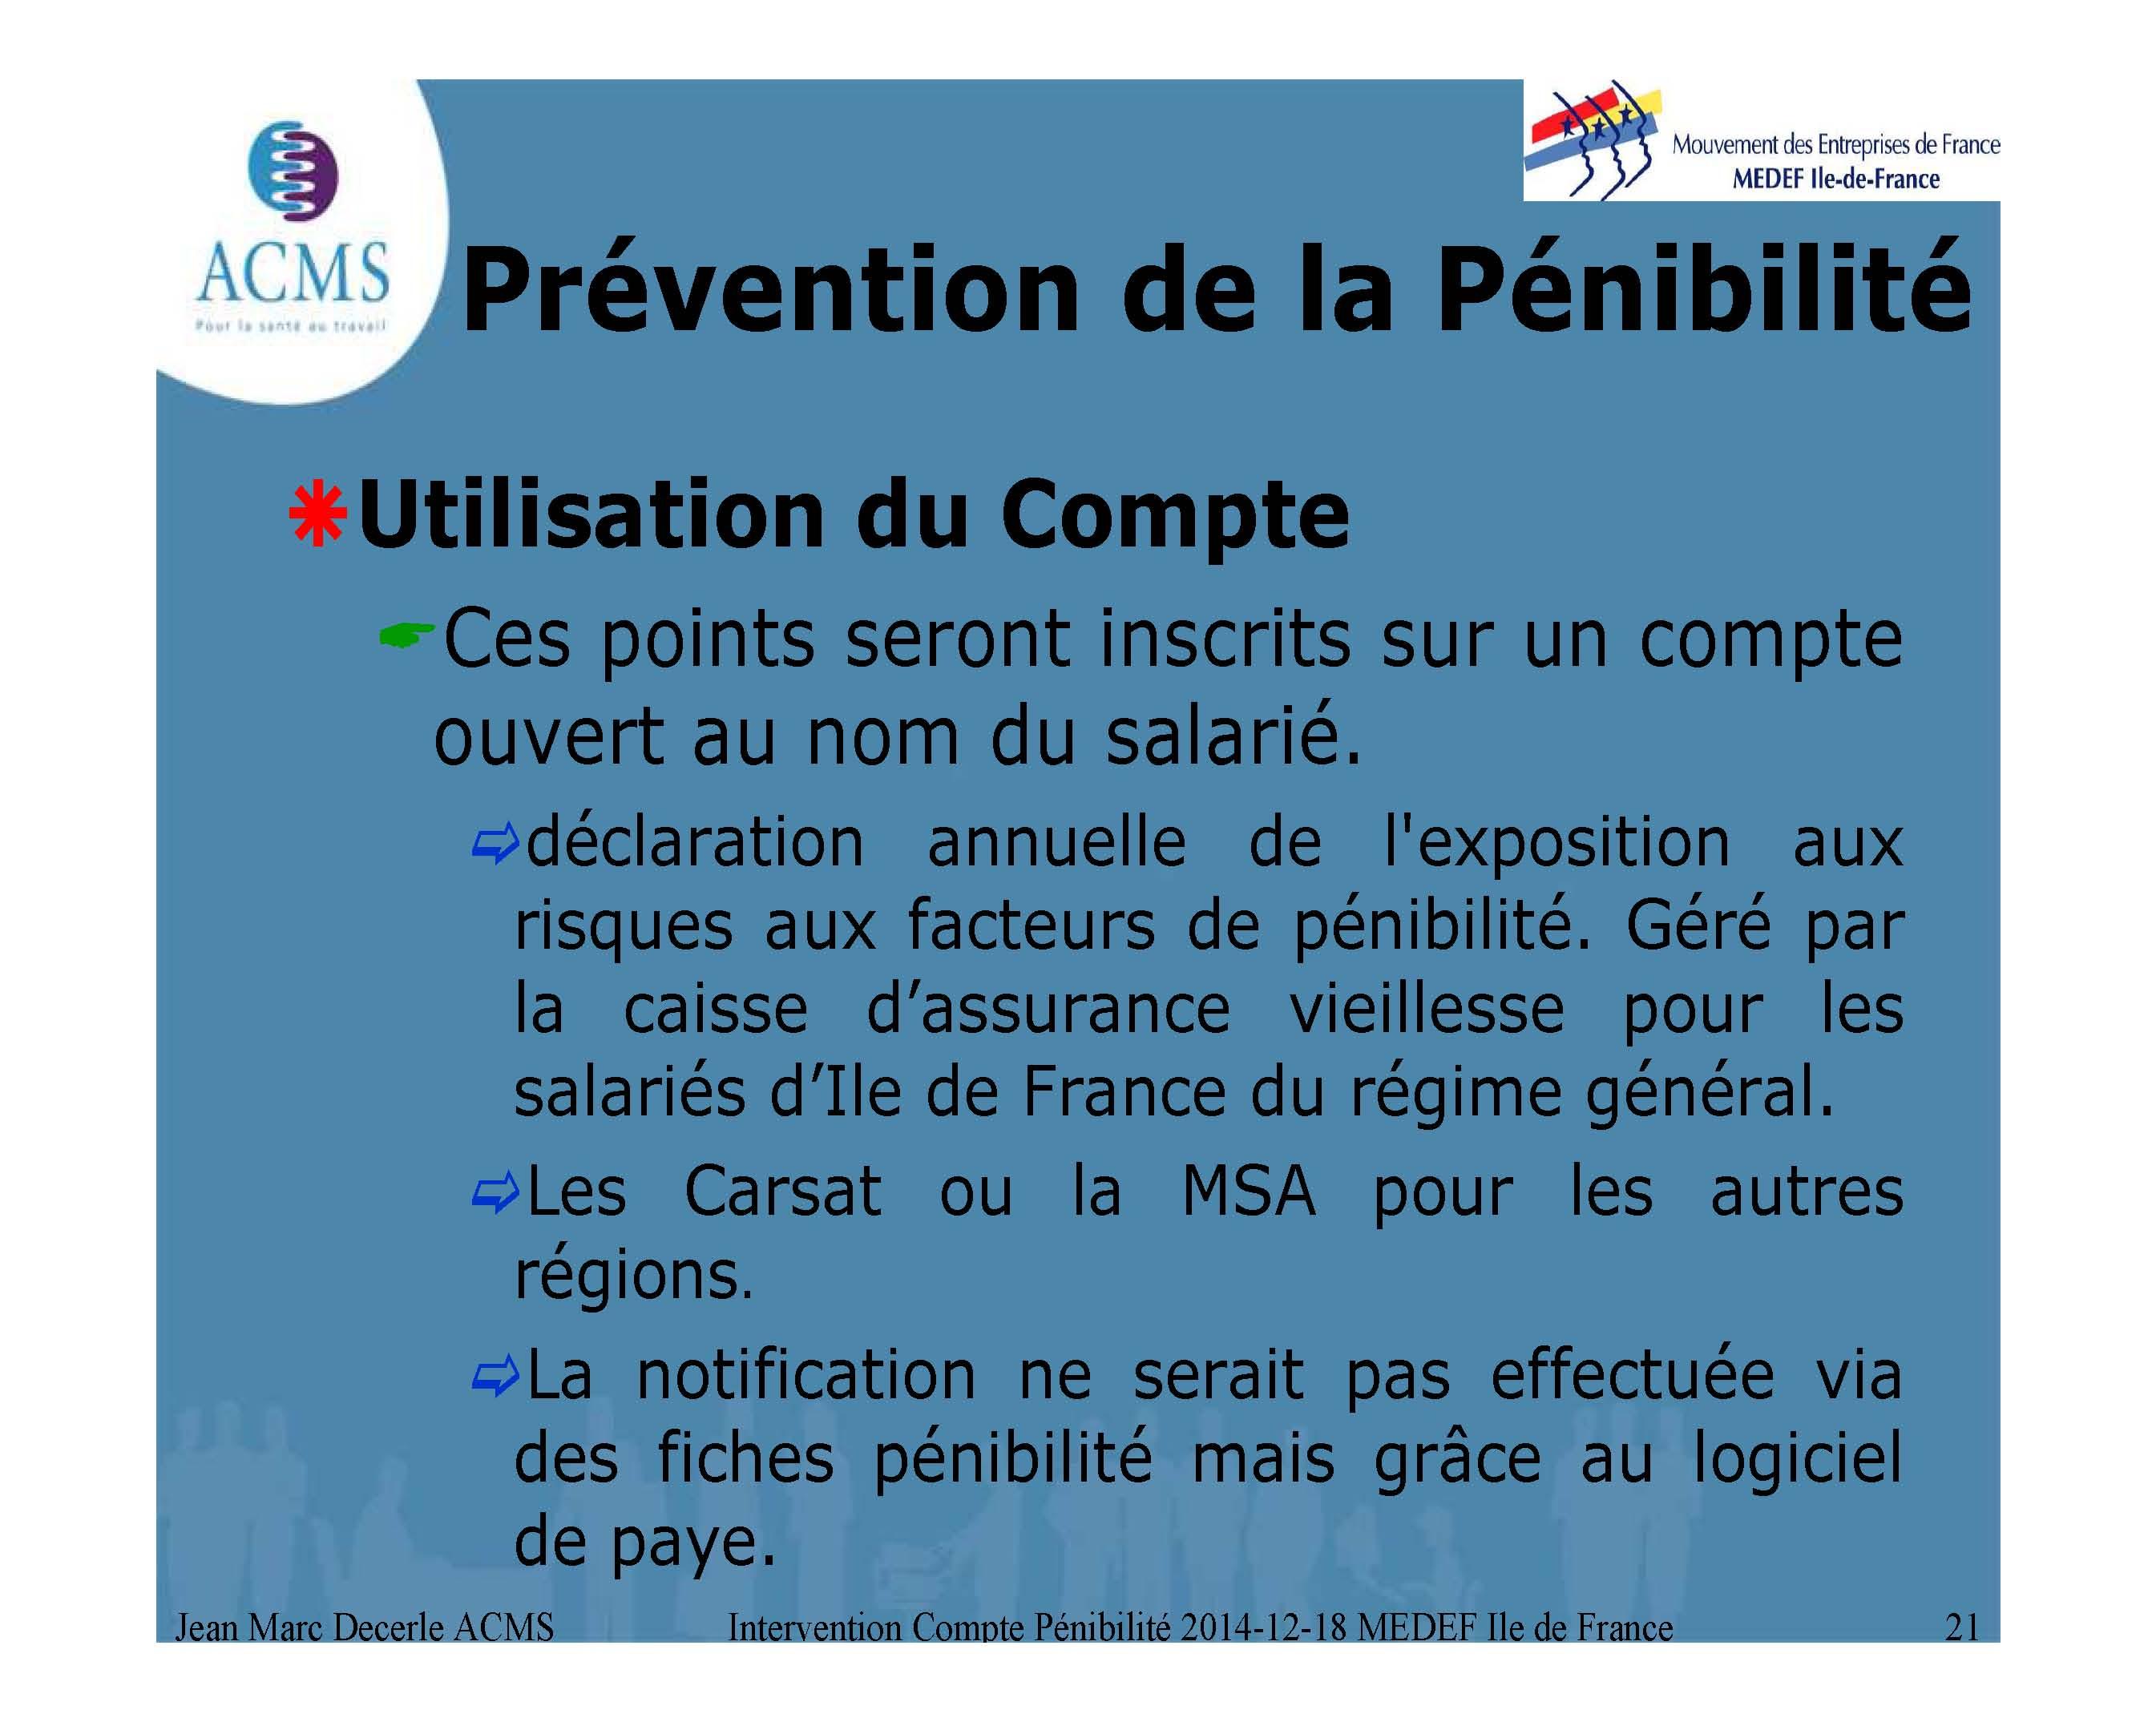 2014-12-18 Compte Pénibilite MEDEF Ile de France_Page_21